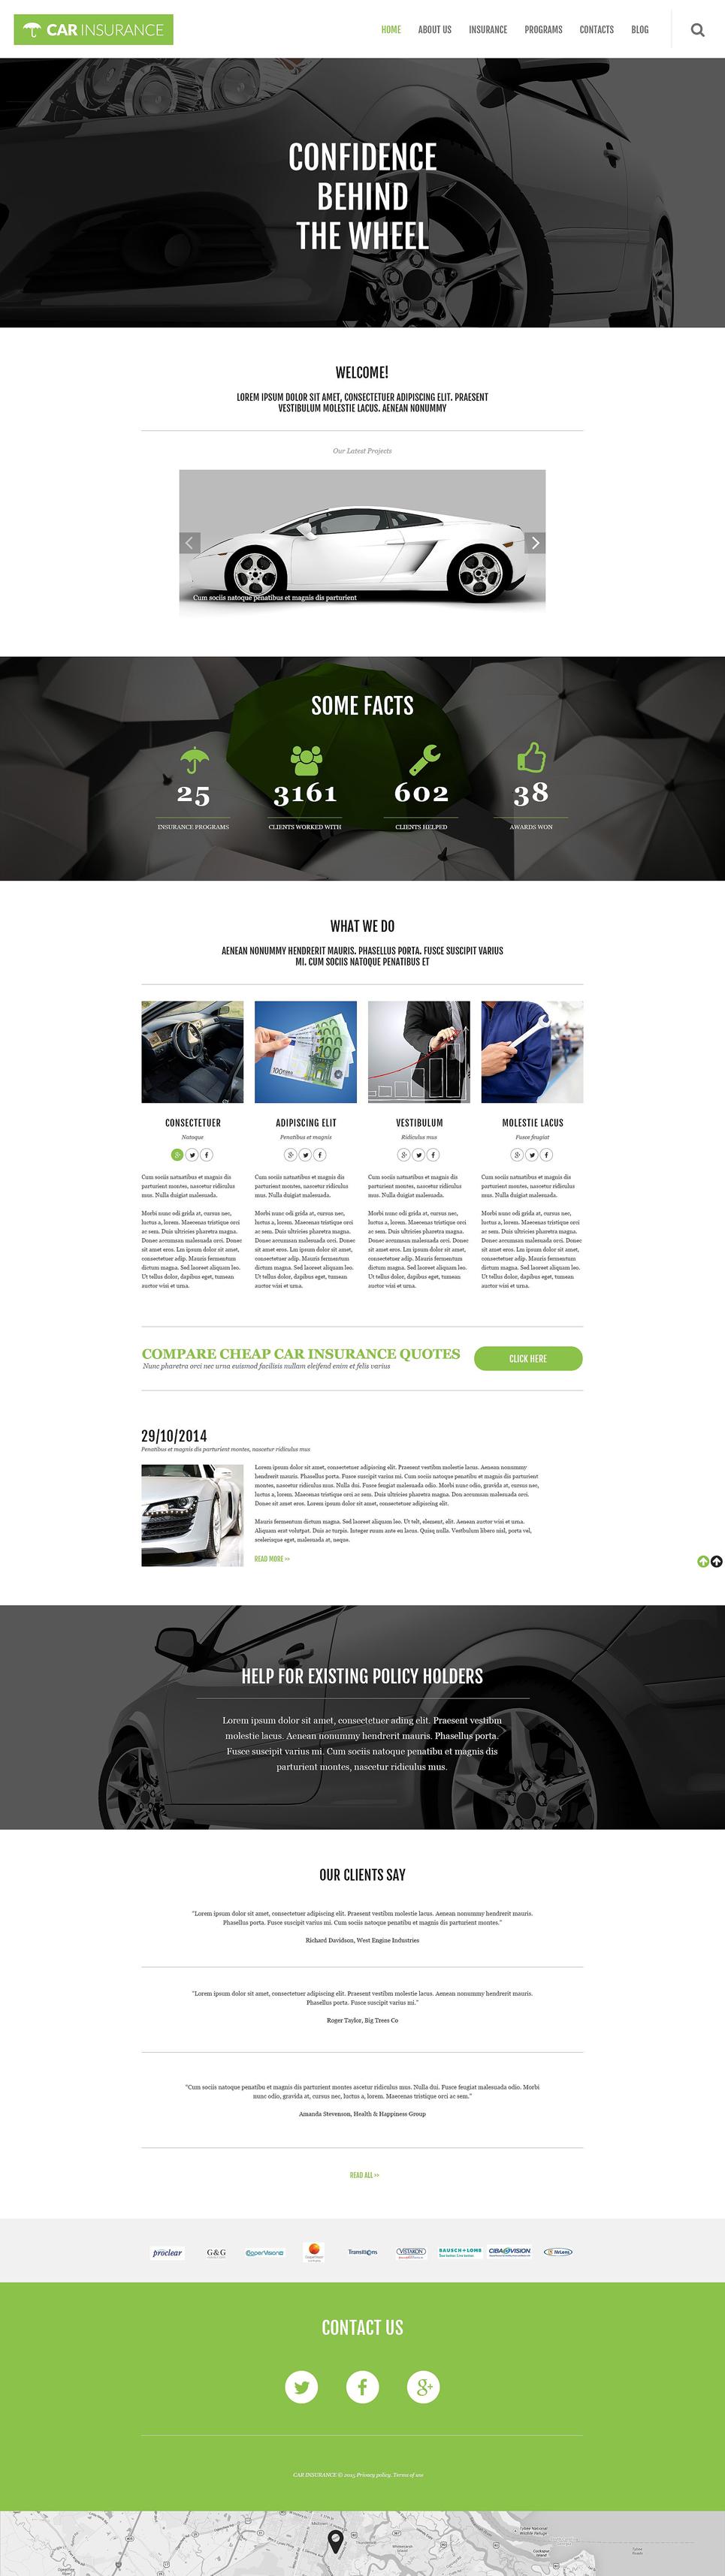 Адаптивный шаблон сайта на тему автострахование #55029